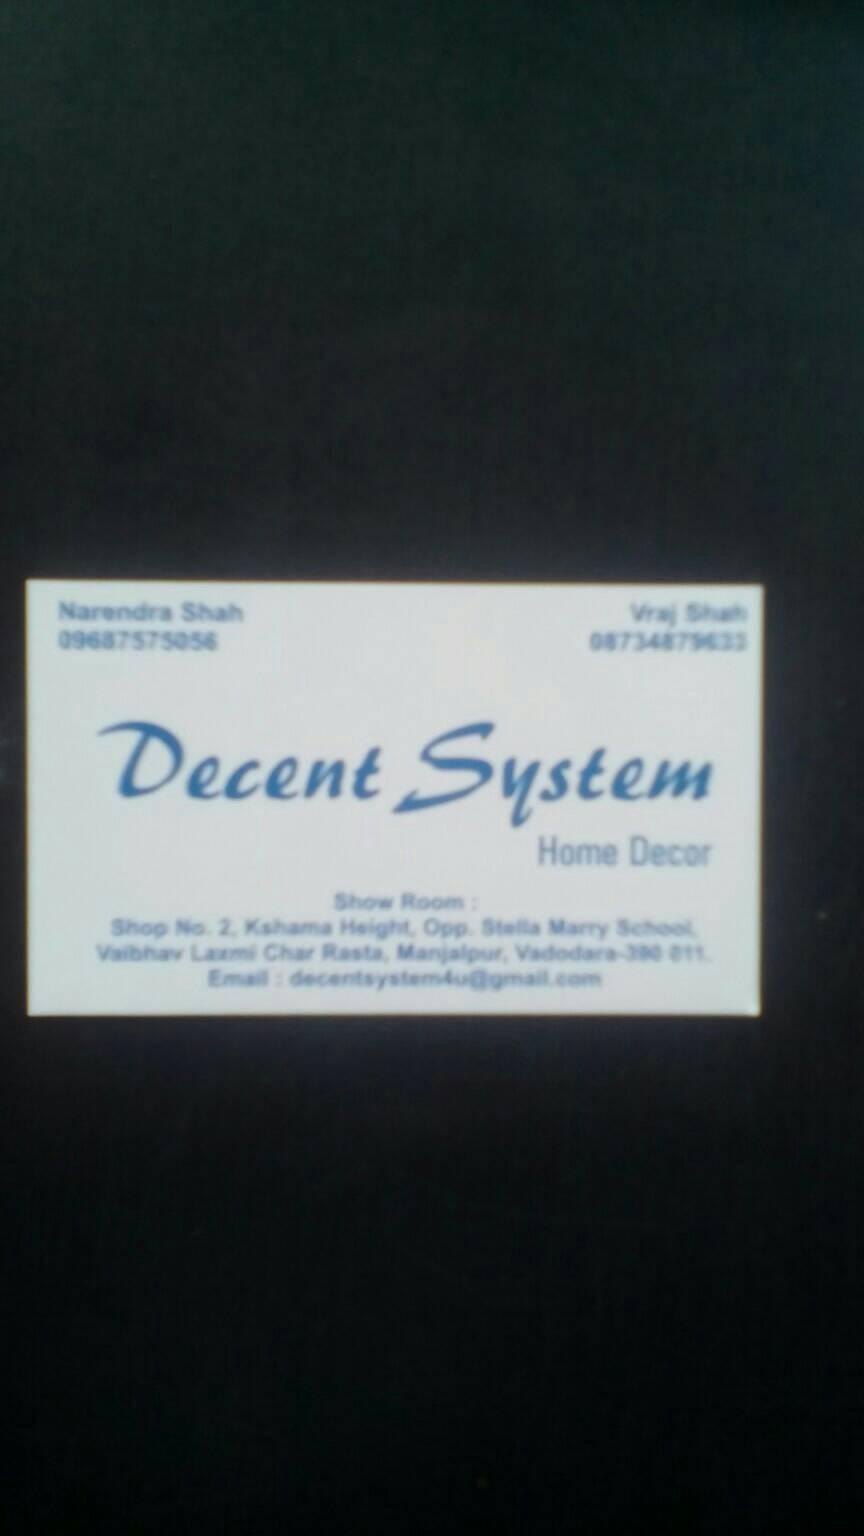 Decent System Home Decor